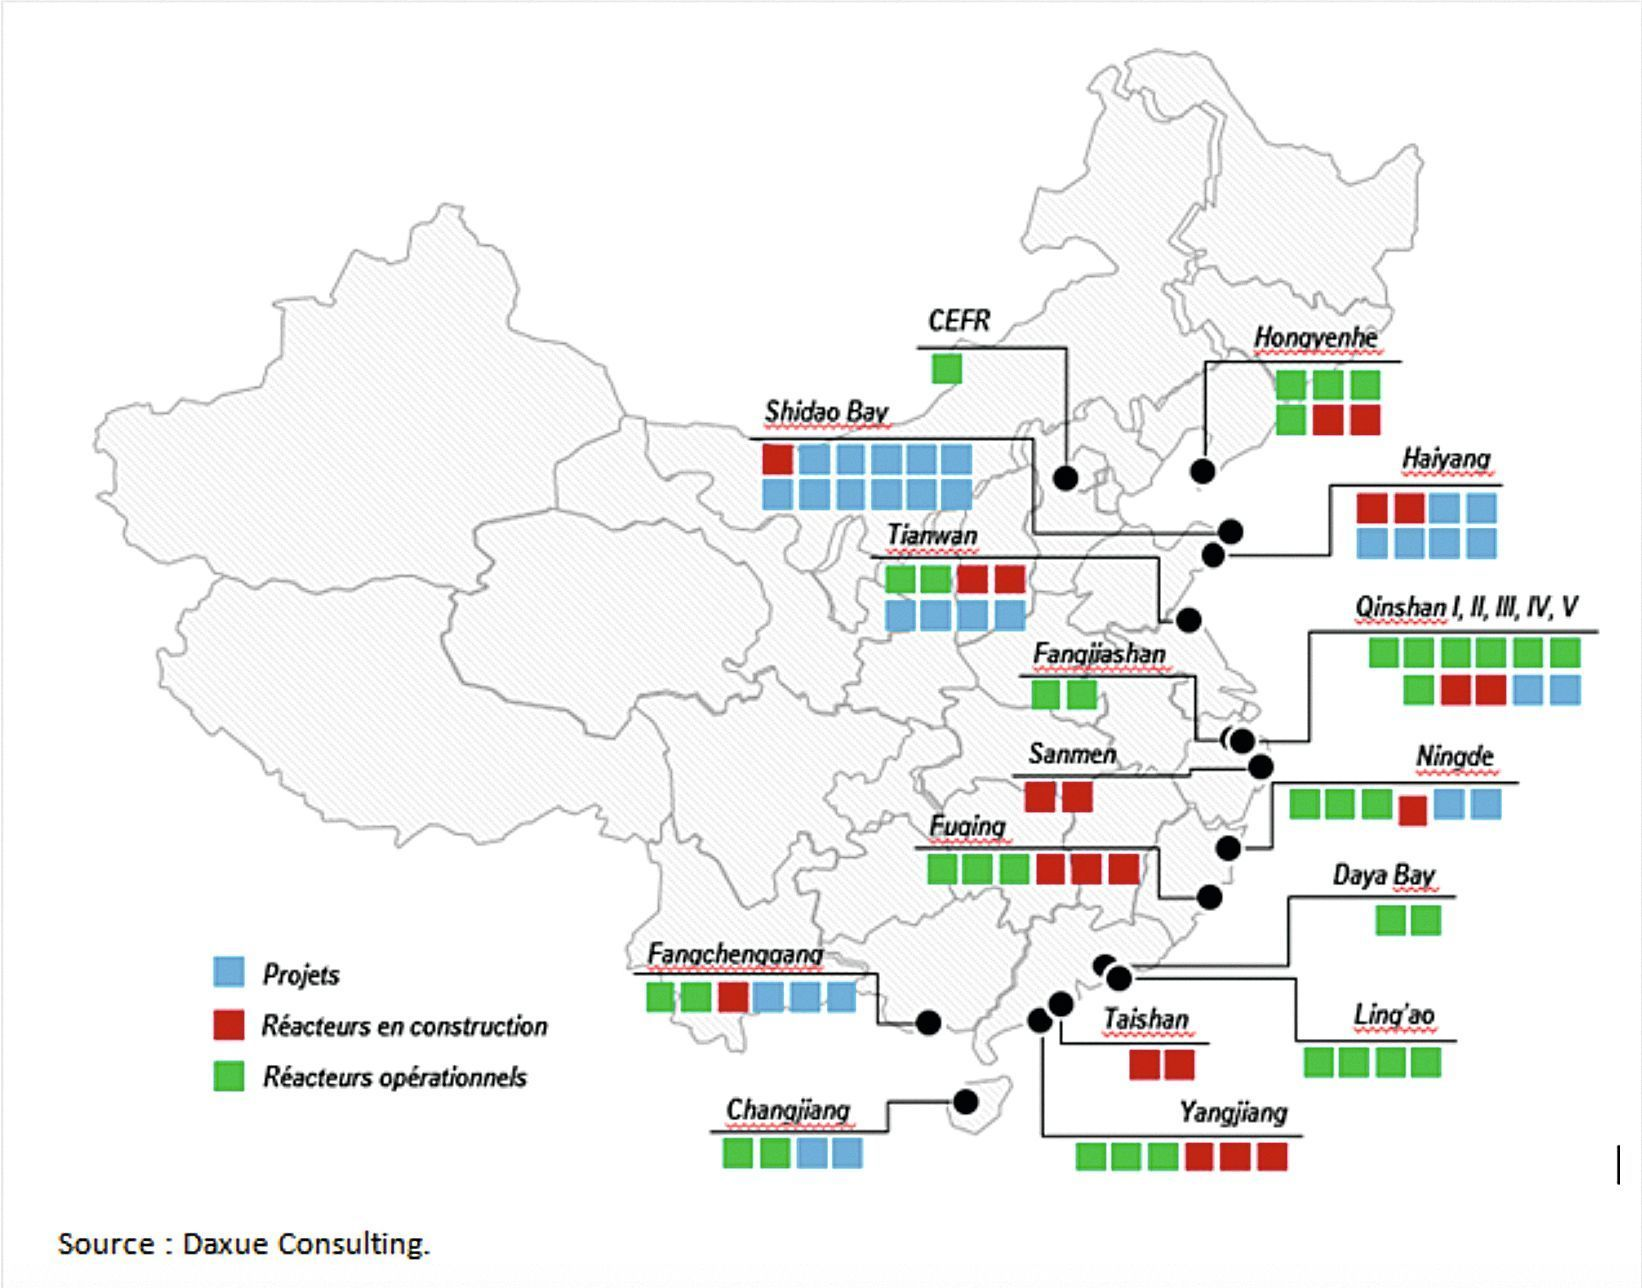 carte des réacteurs en Chine